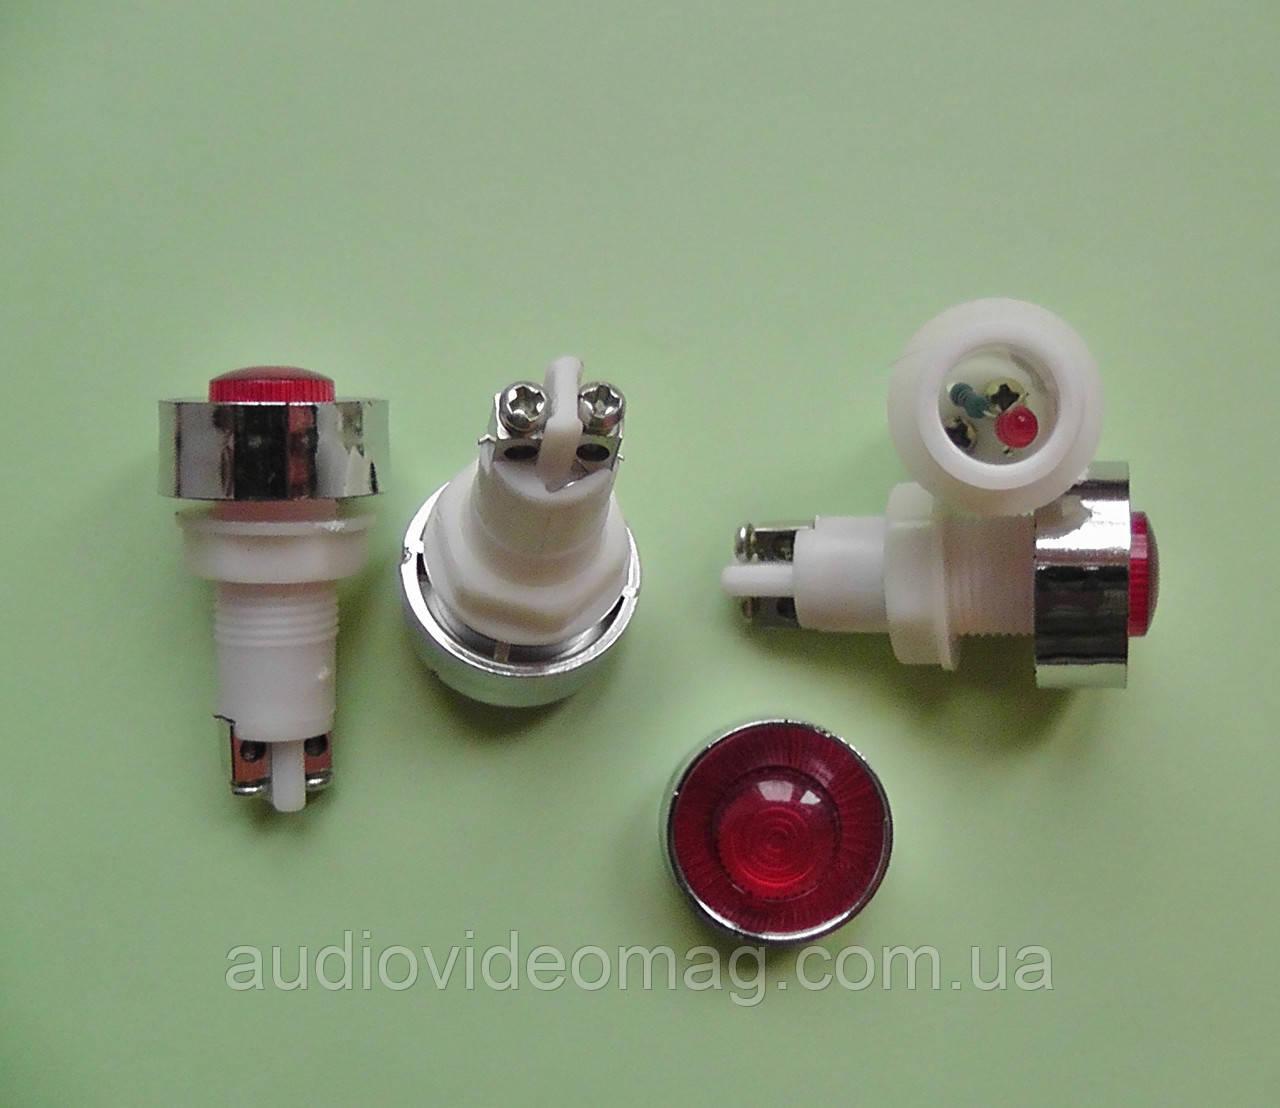 Индикатор светодиодный 12 V на панель, красный